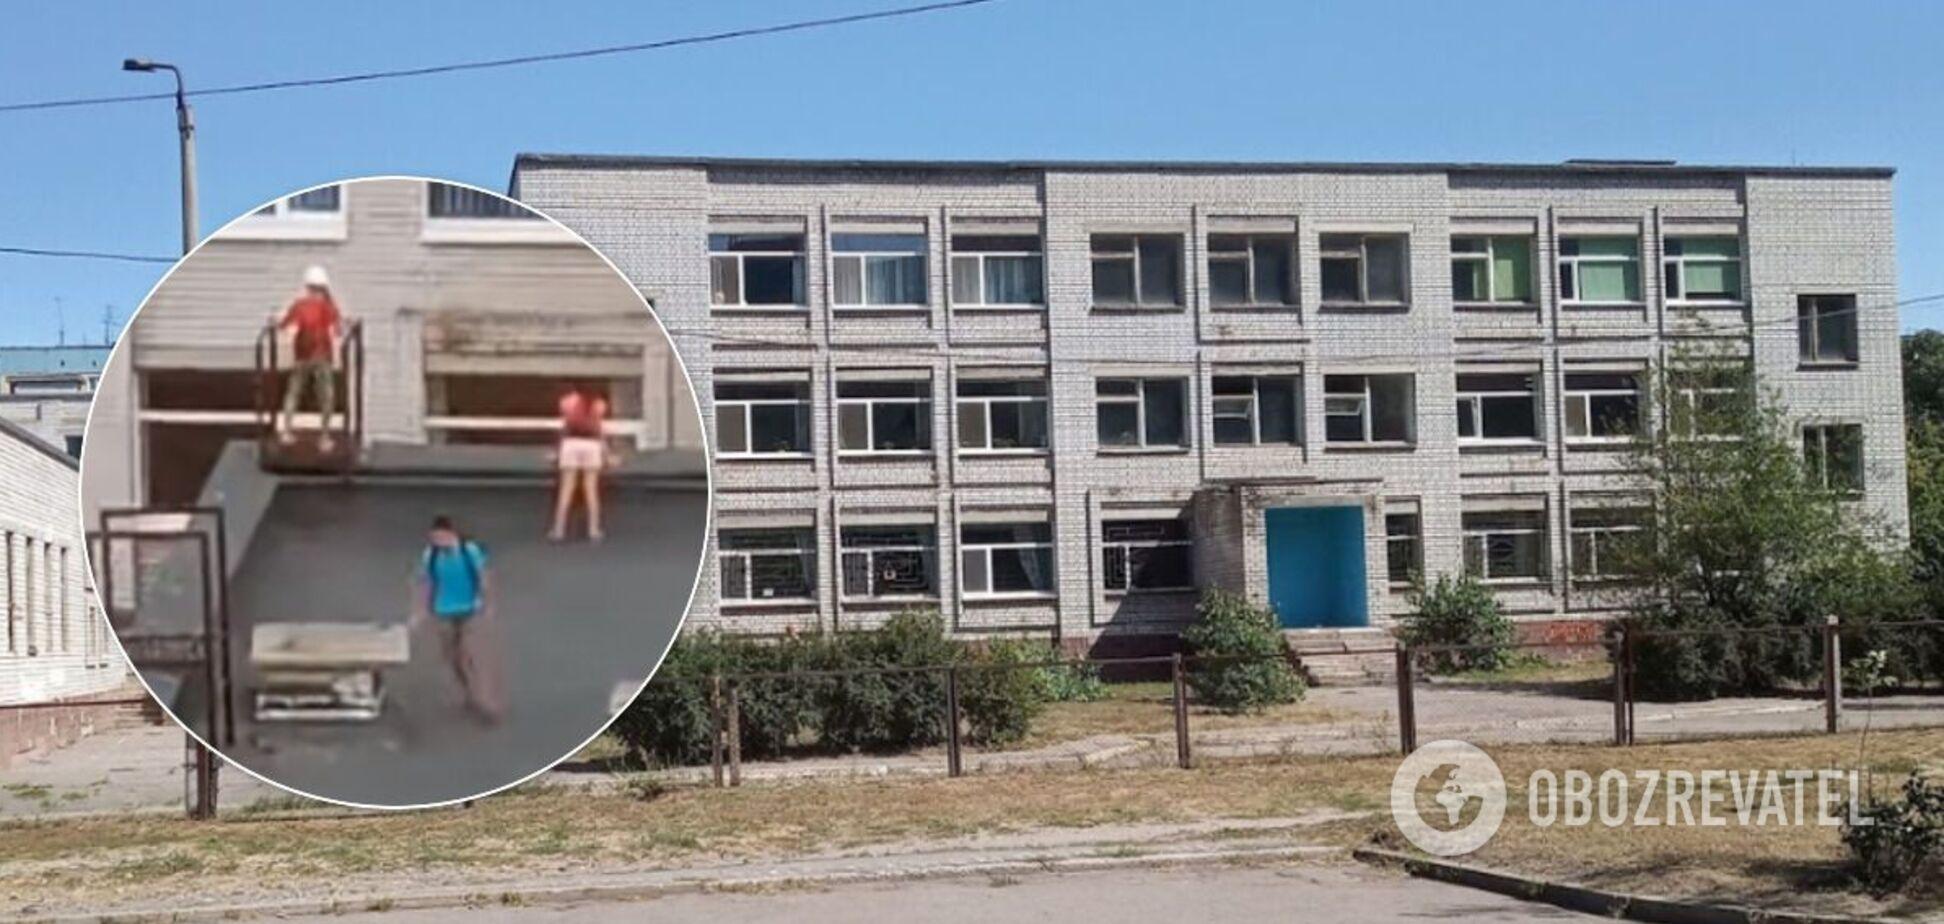 У Дніпрі діти влаштували небезпечні розваги на даху школи